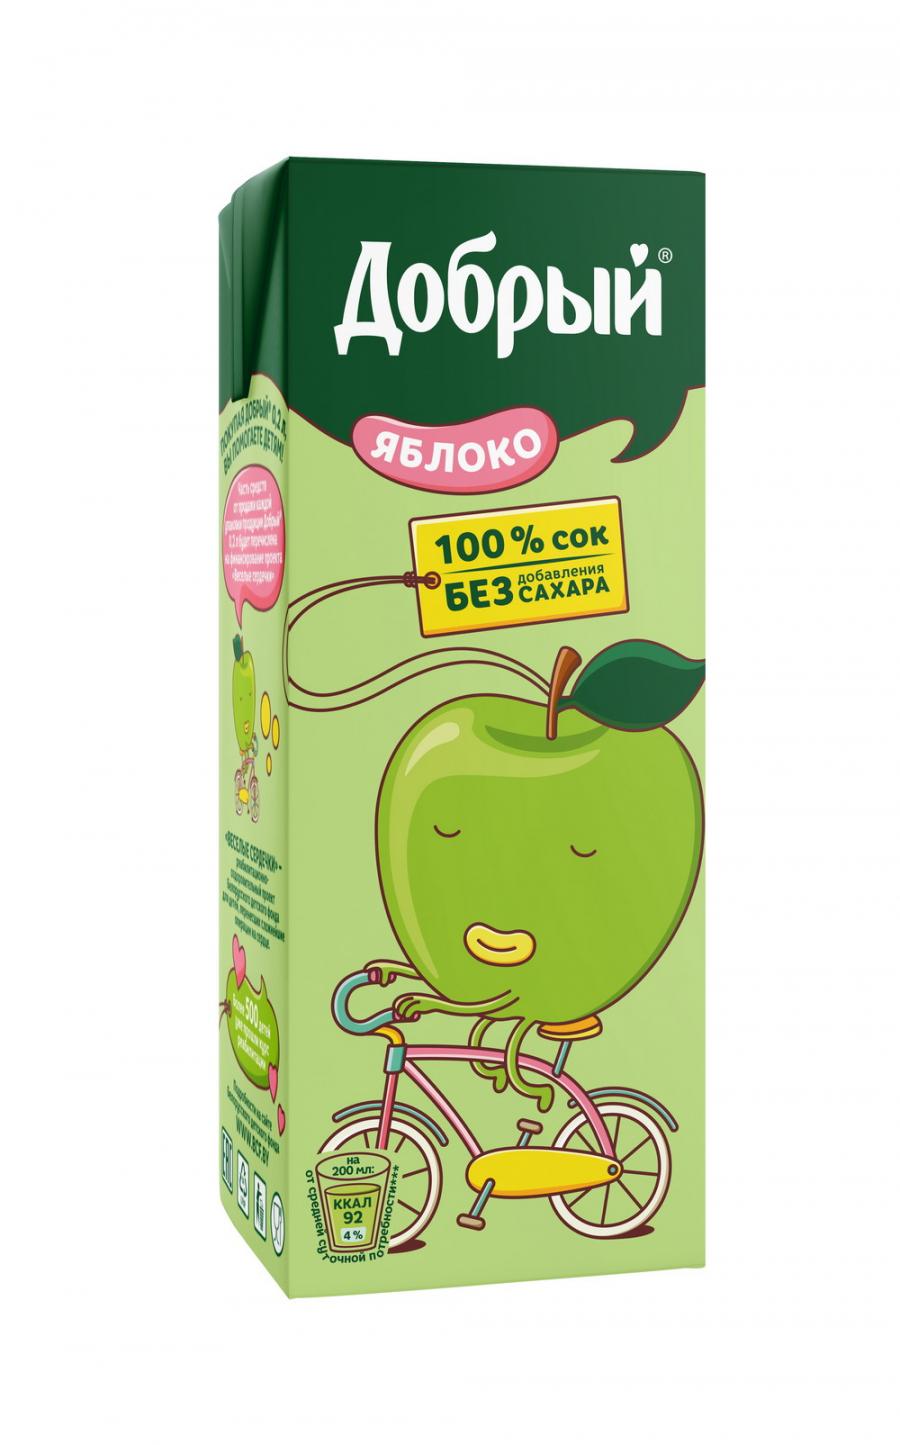 Купить Сок Добрый Яблоко 0.2л, Вкуснов Шаурма